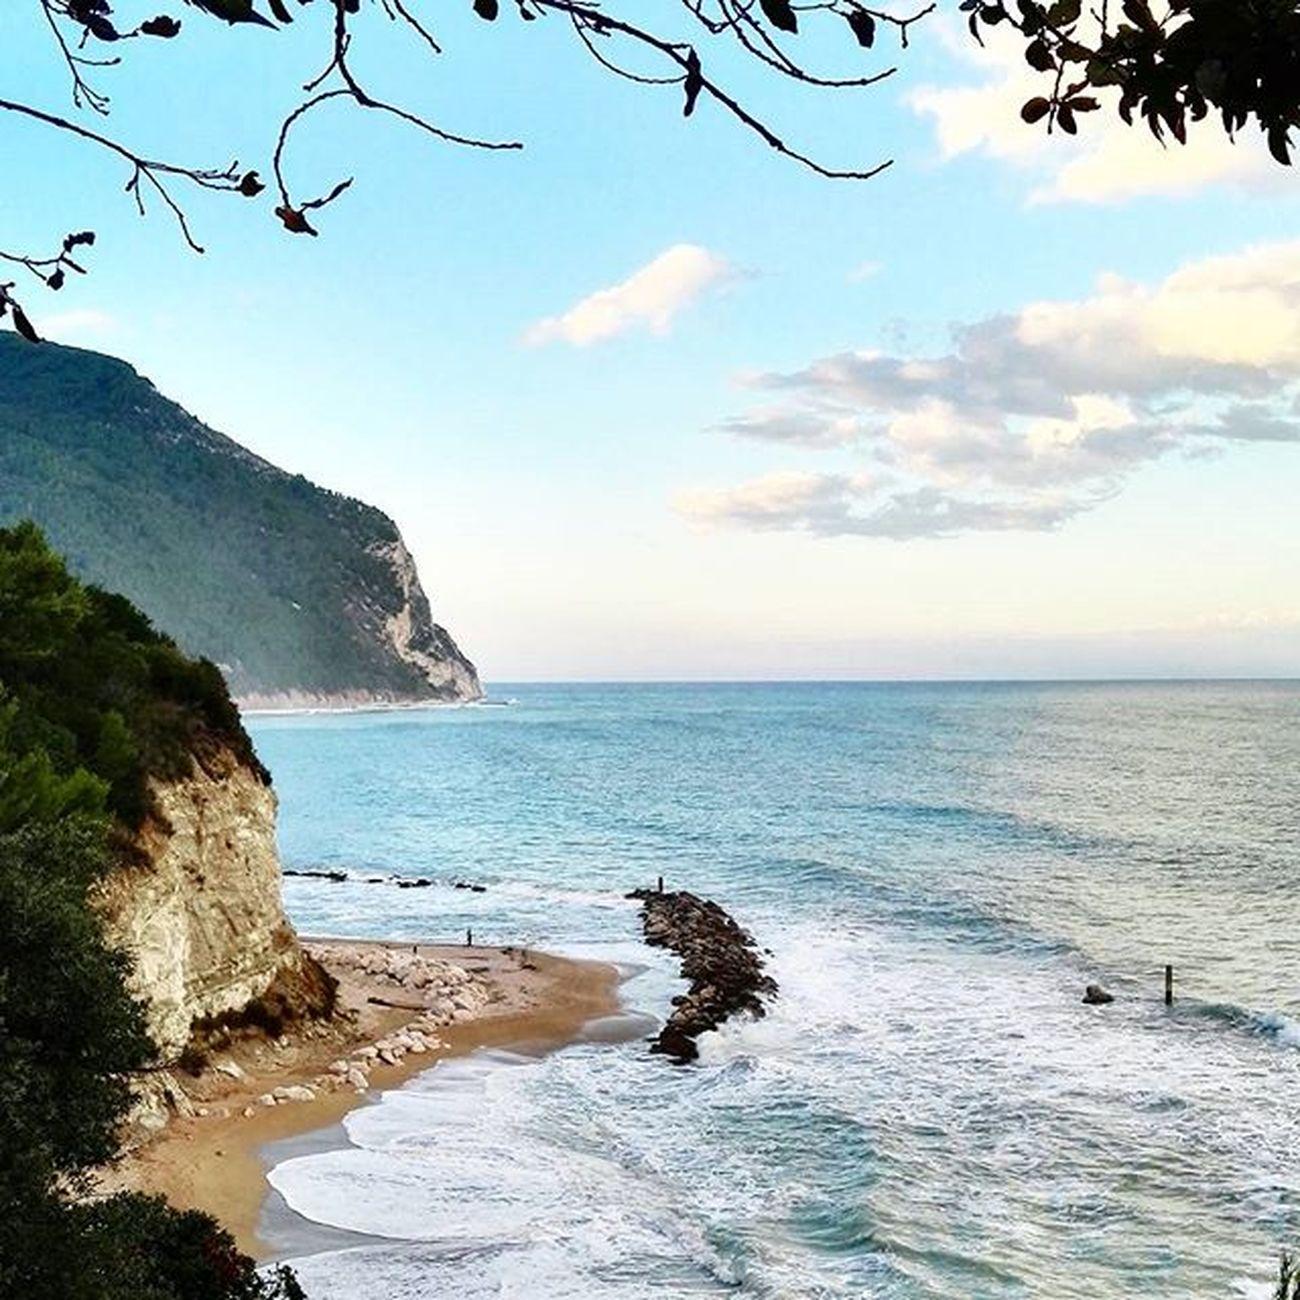 Buongiorno from beautiful beautiful Conero 🌞🌞 Conero Sirolo Italia Sea Mare Sunset Ig_marche